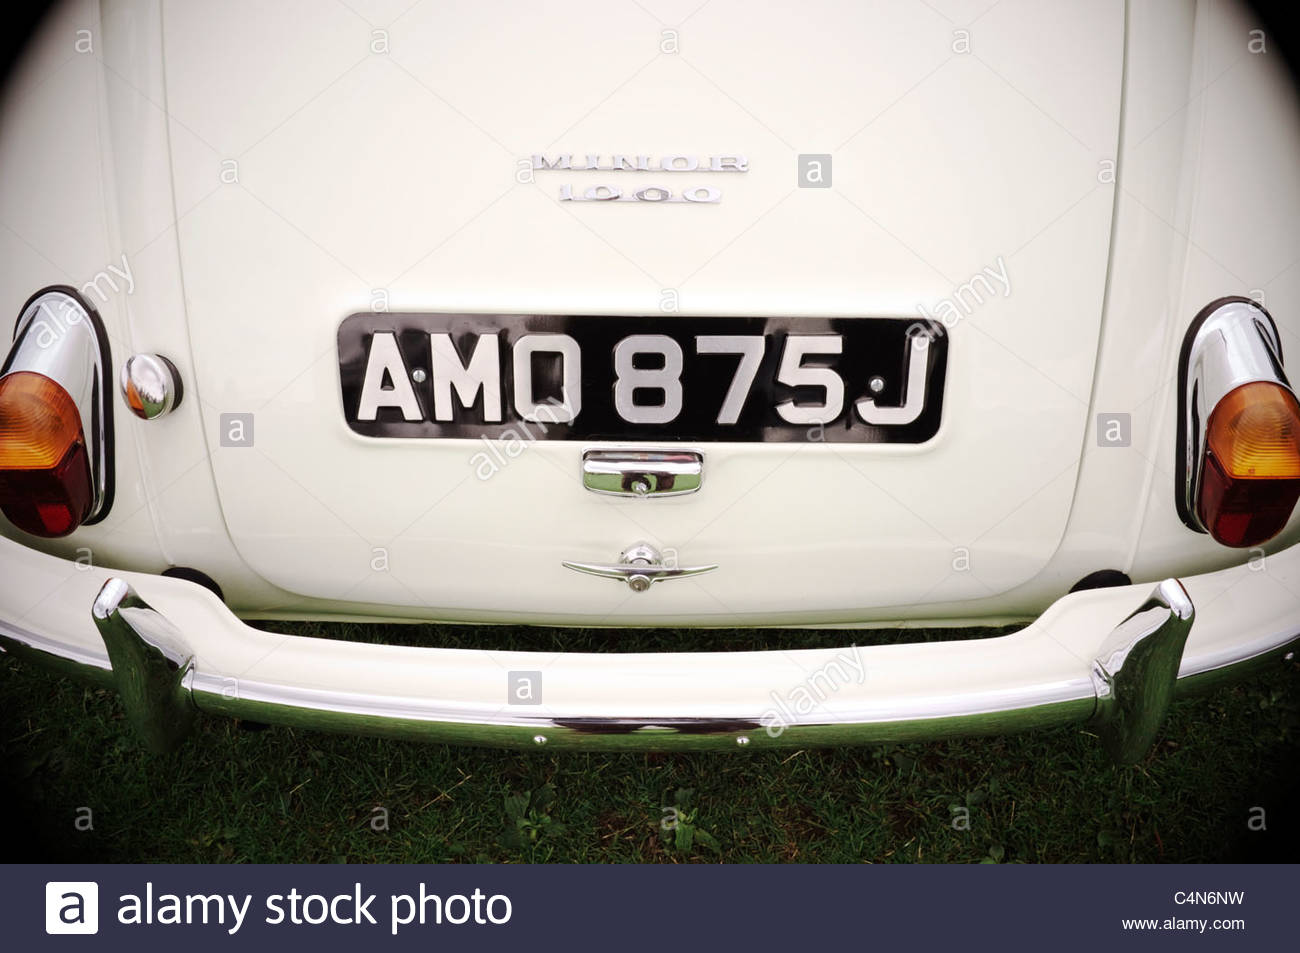 Die Rückseite eines Morris Minor 1000 Autos. Stockbild